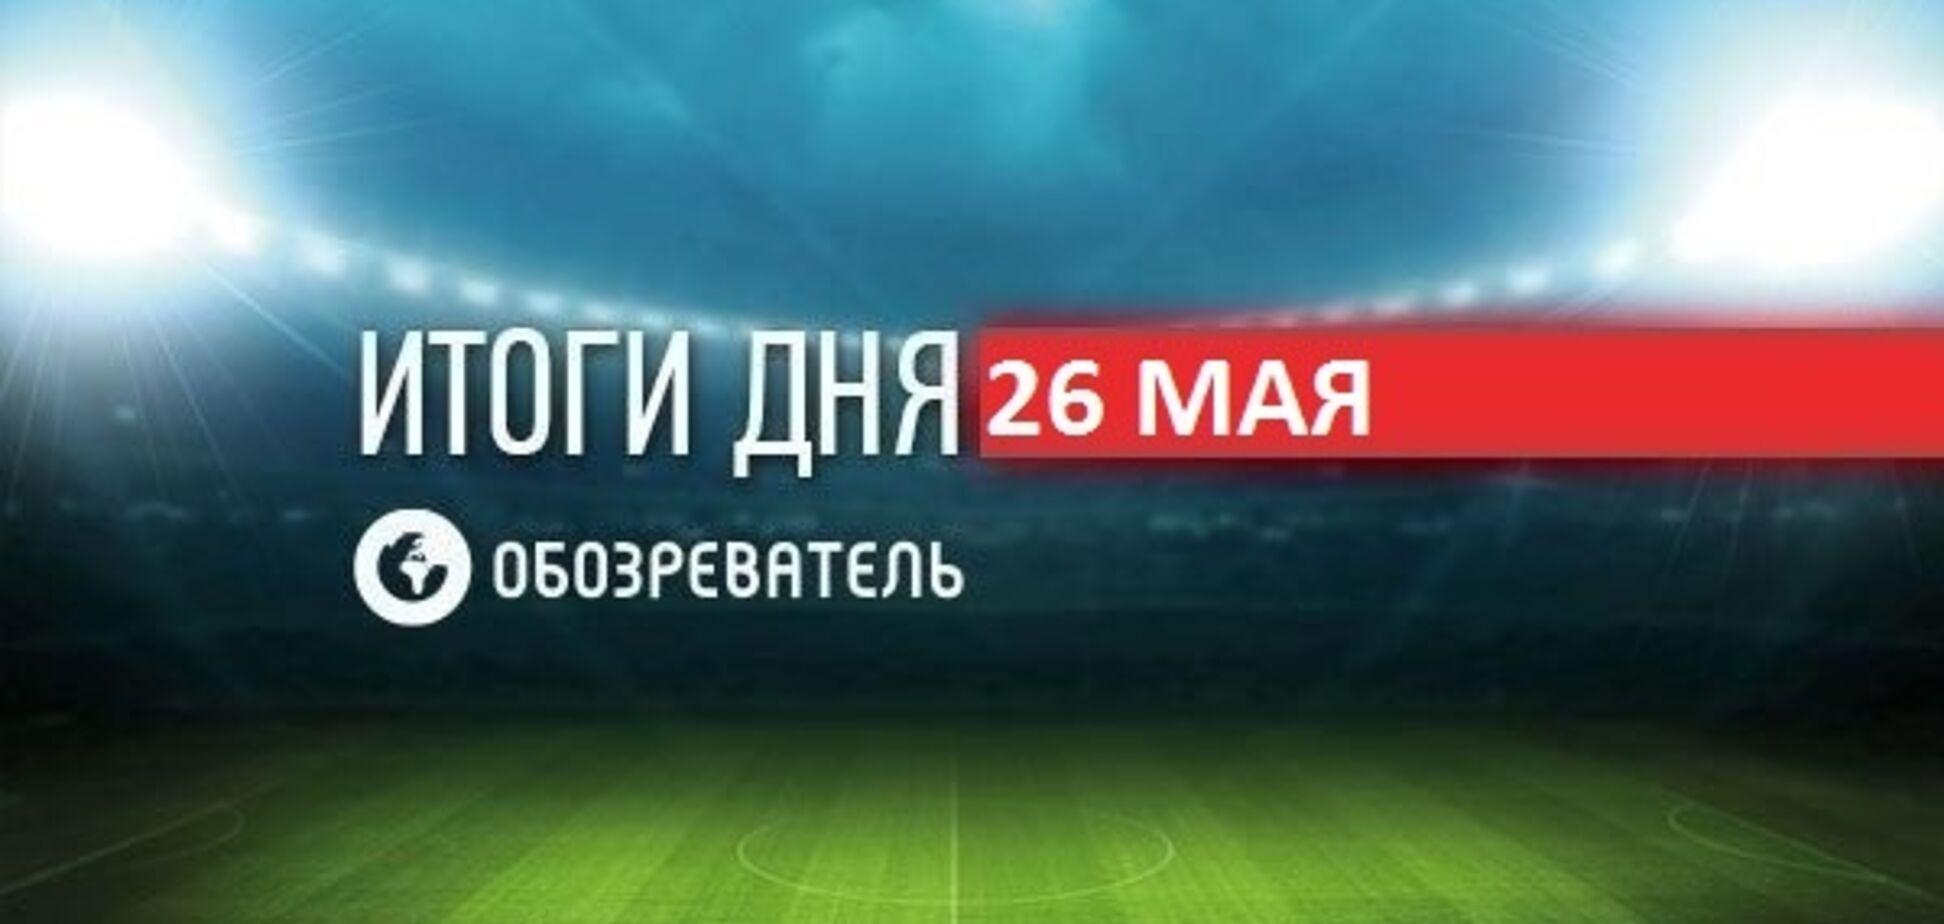 Чемпіонат світу з хокею завершився сенсацією: спортивні підсумки 26 травня